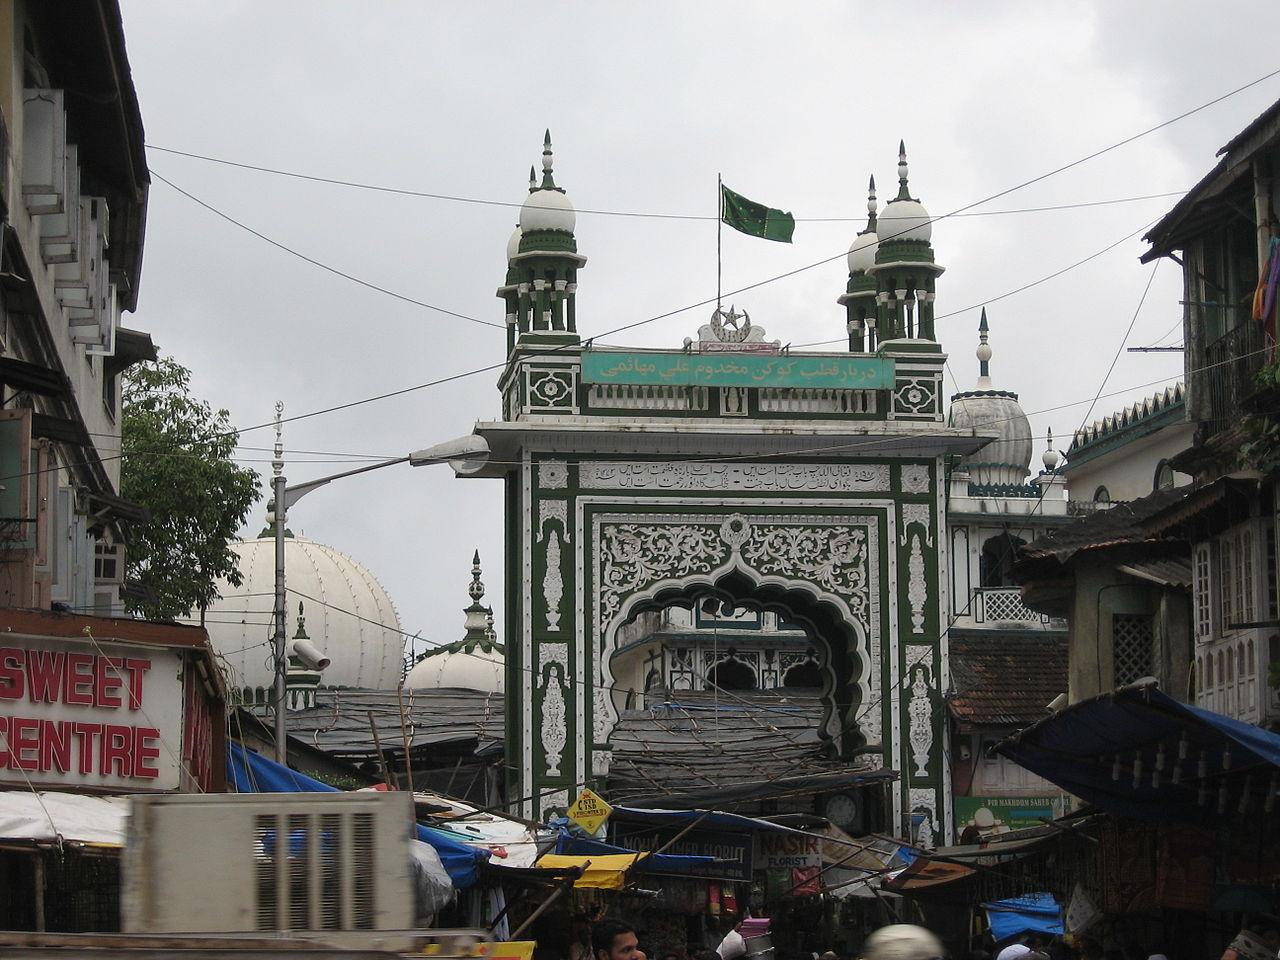 Place Near the Mahim Fort-Mahim Dargah